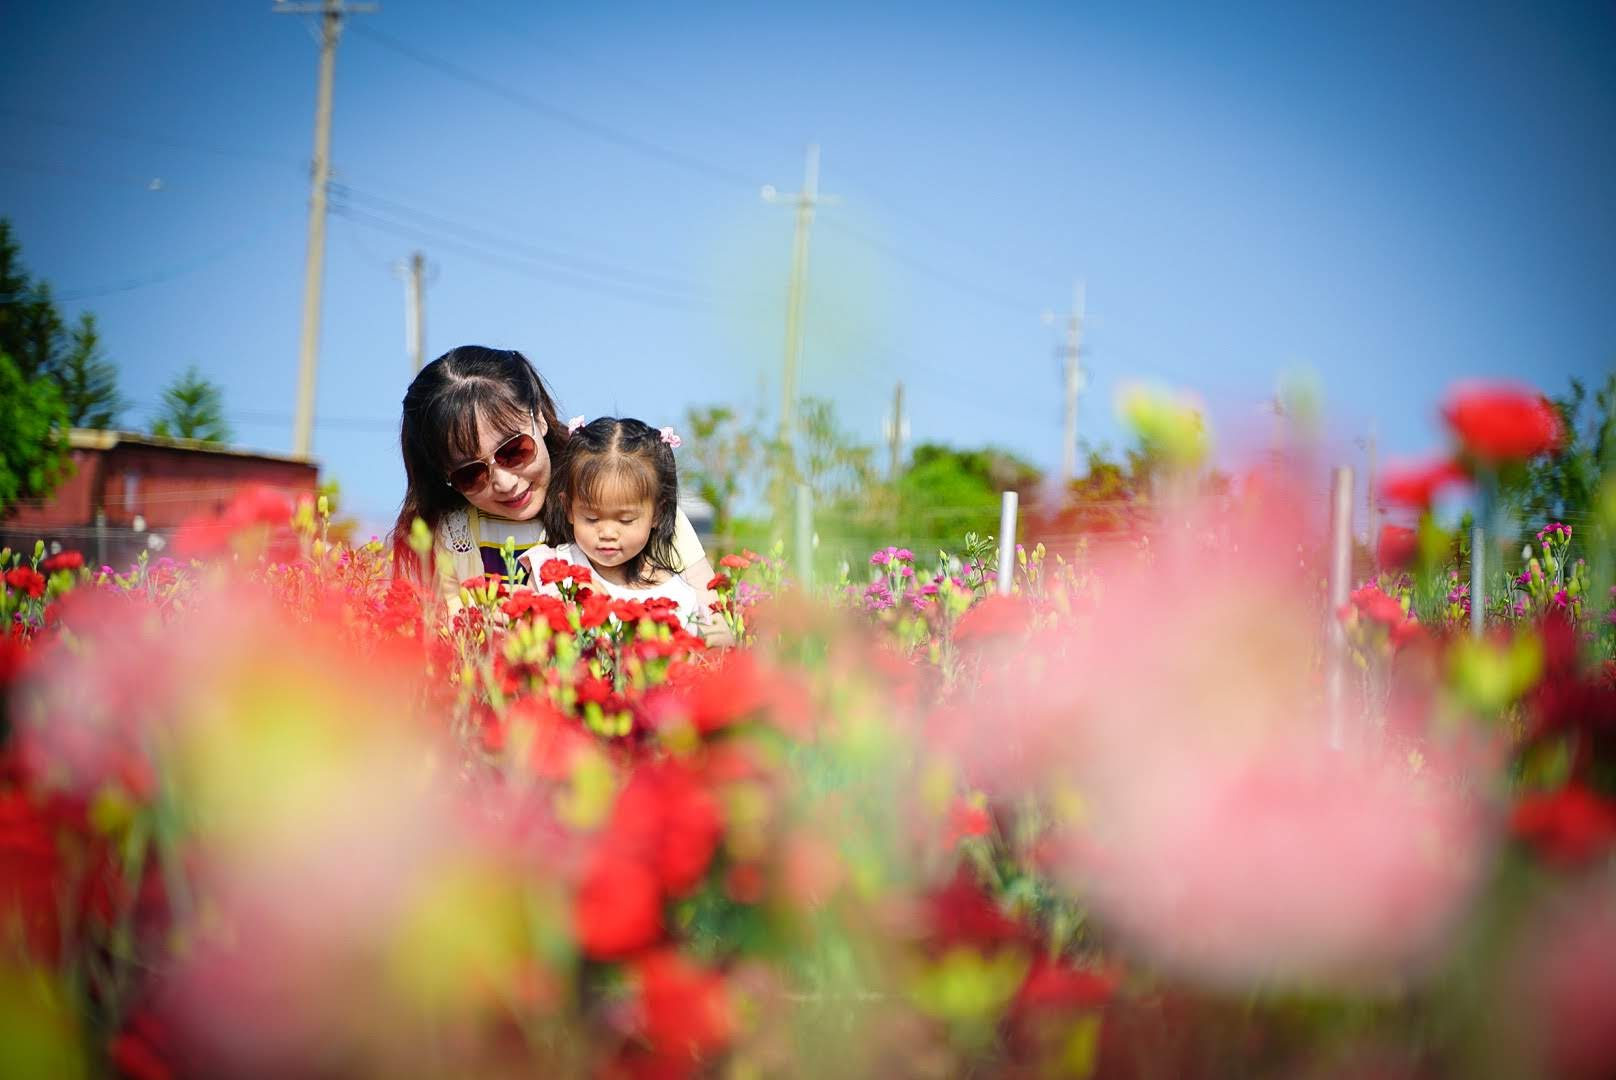 【旅遊】彰化田尾  春日浪漫的康乃馨花田 2020年最特別的母親節回憶